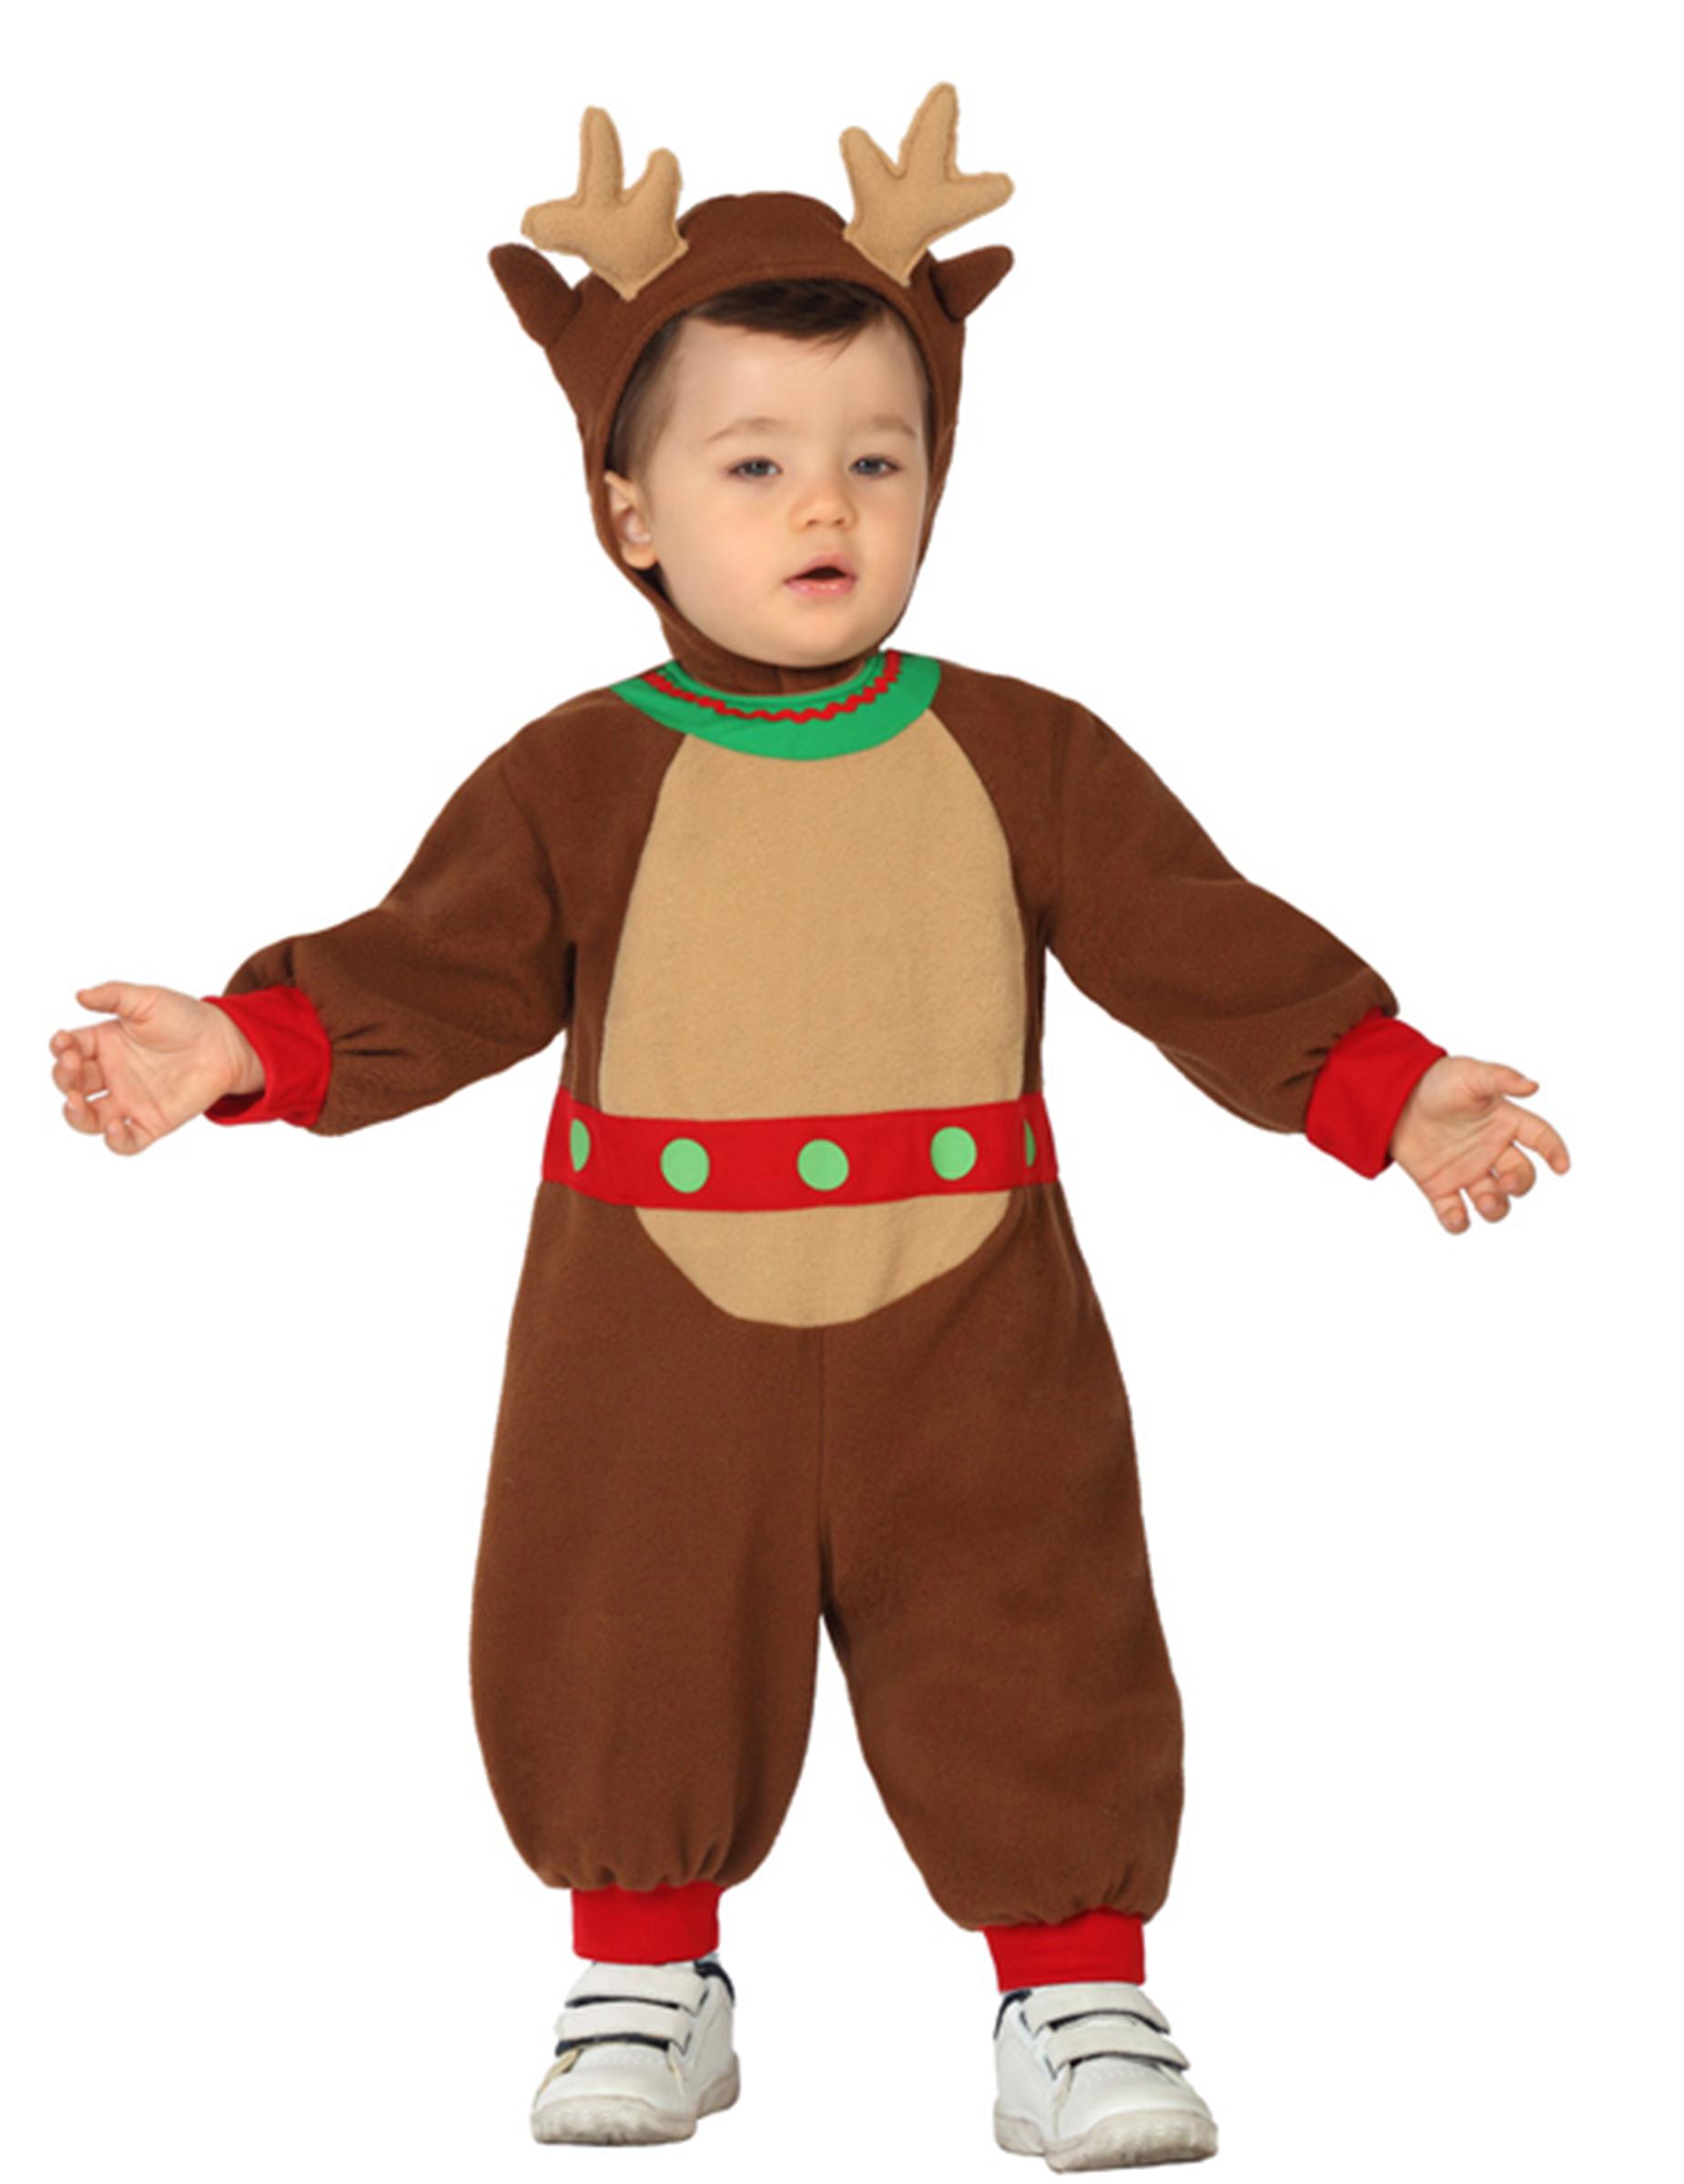 Disfraz reno beb navidad disfraces ni os y disfraces - Disfraces de duendes navidenos para ninos ...